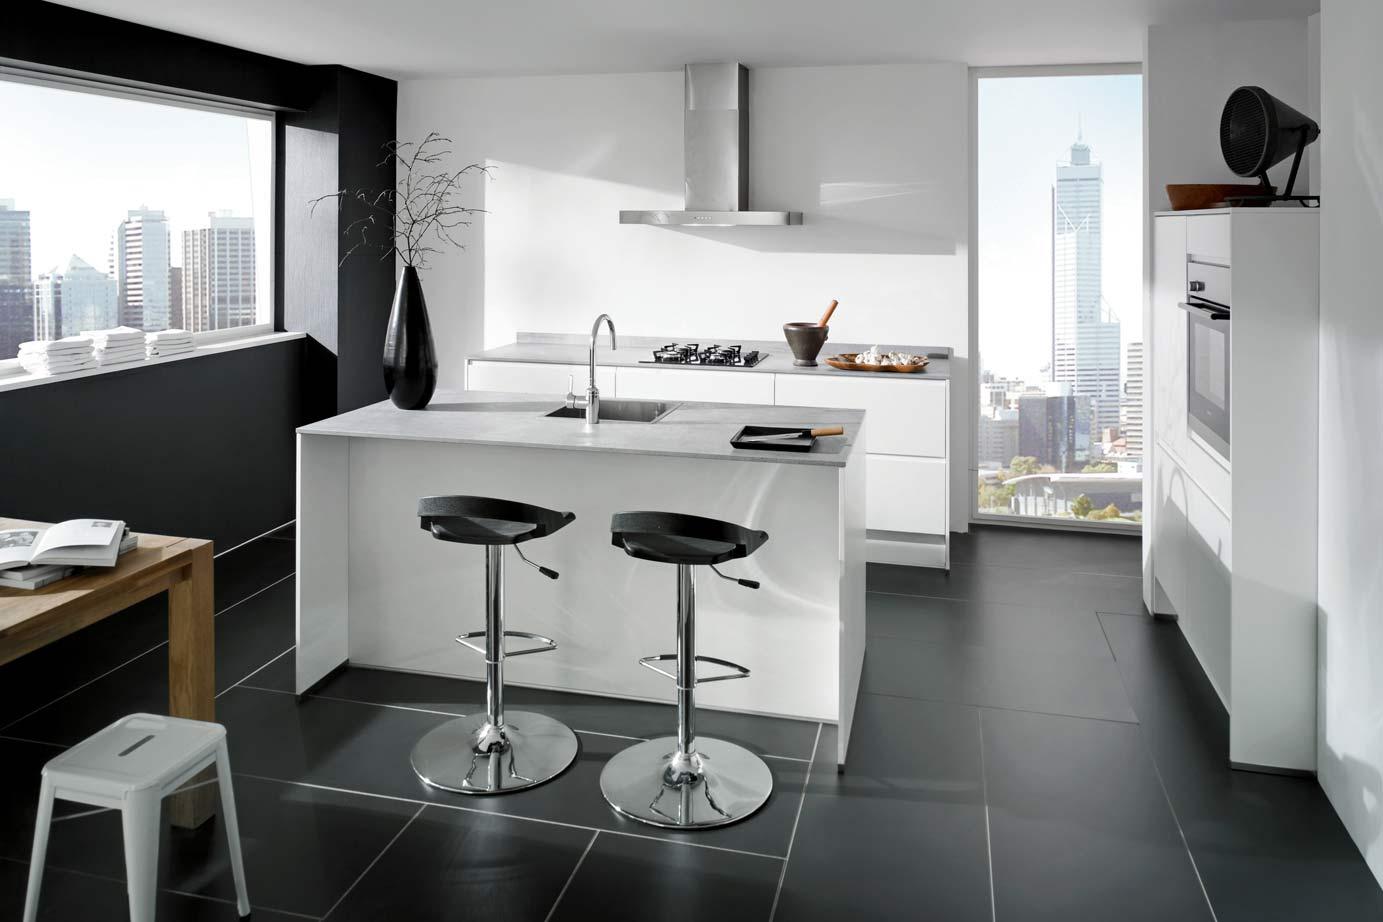 Goedkope keukens onwaarschijnlijk lage prijs - Kleine keuken met bar ...